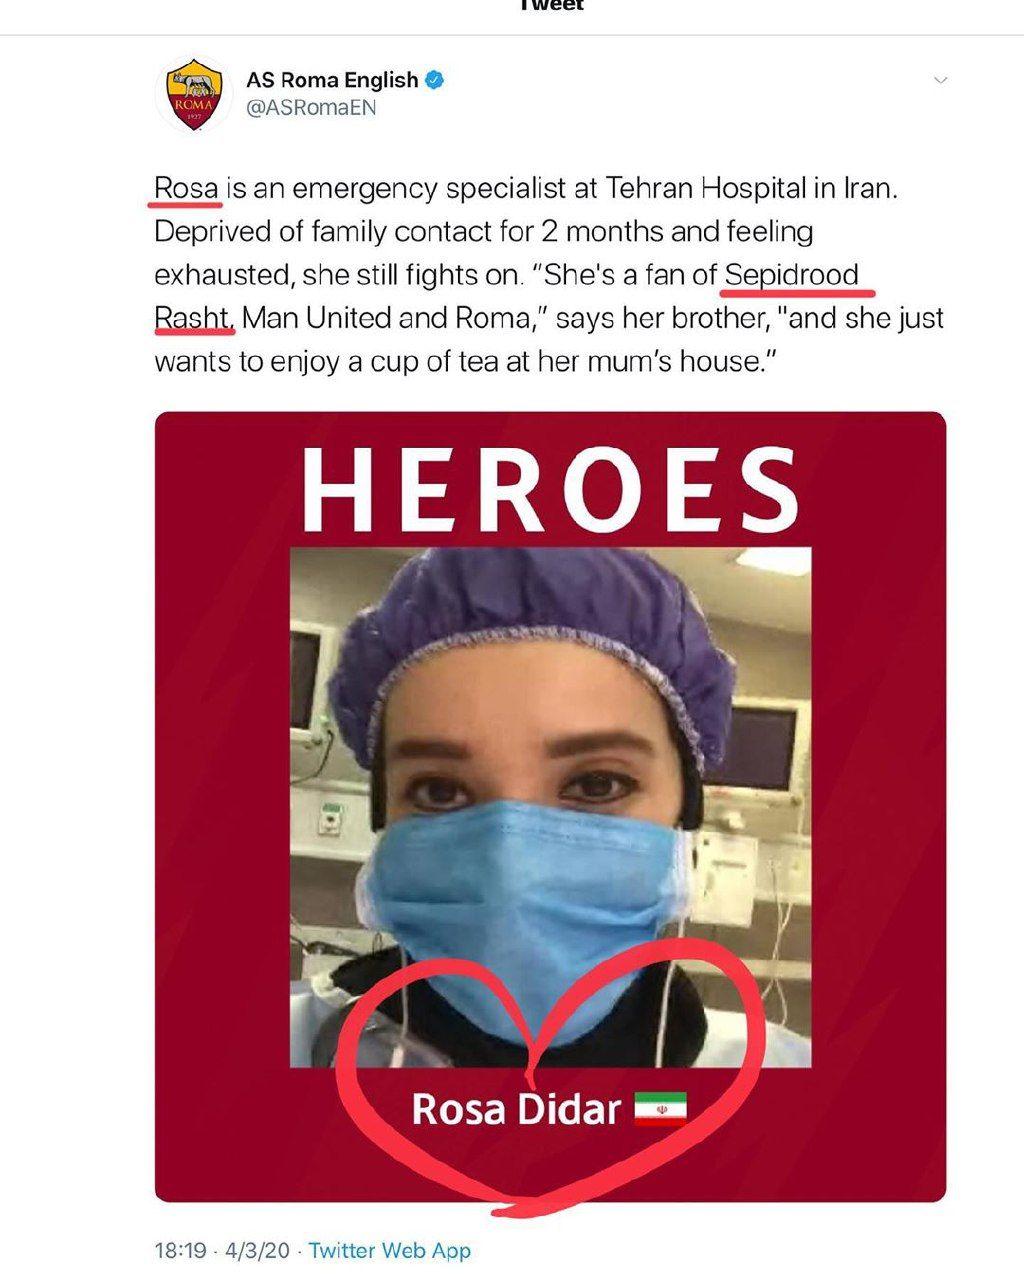 توئیت باشگاه رم درباره دختررشتی هوادارسپیدرود و رم که متخصص اورژانس است